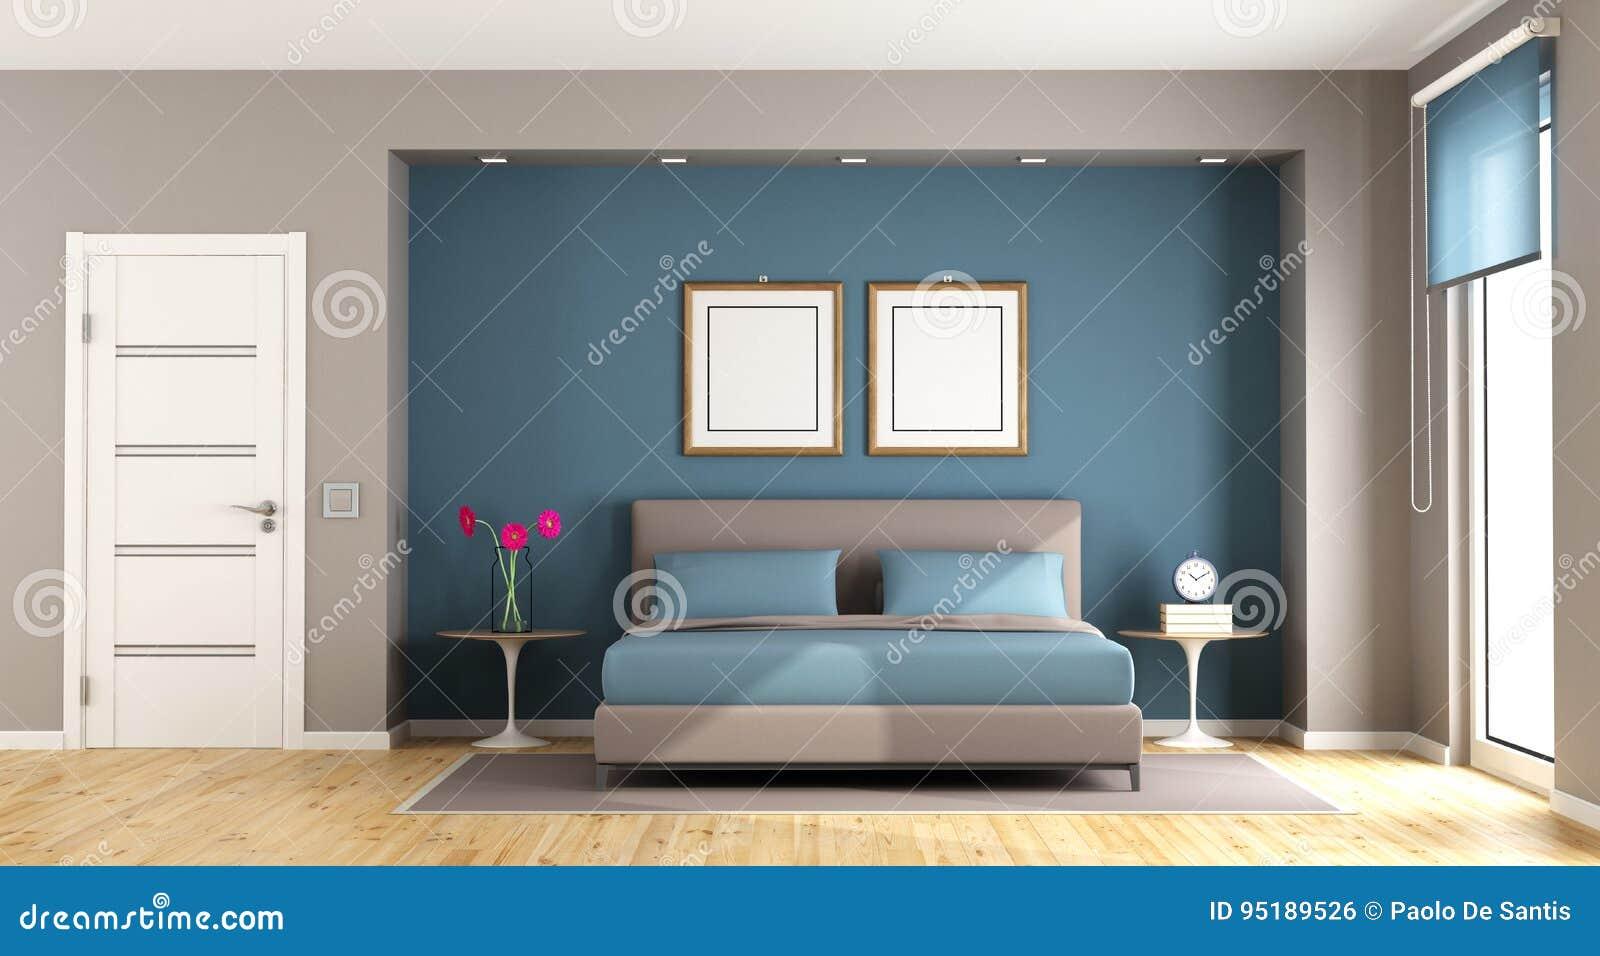 Camera Da Letto Moderna Marrone : Camera da letto moderna blu e marrone illustrazione di stock